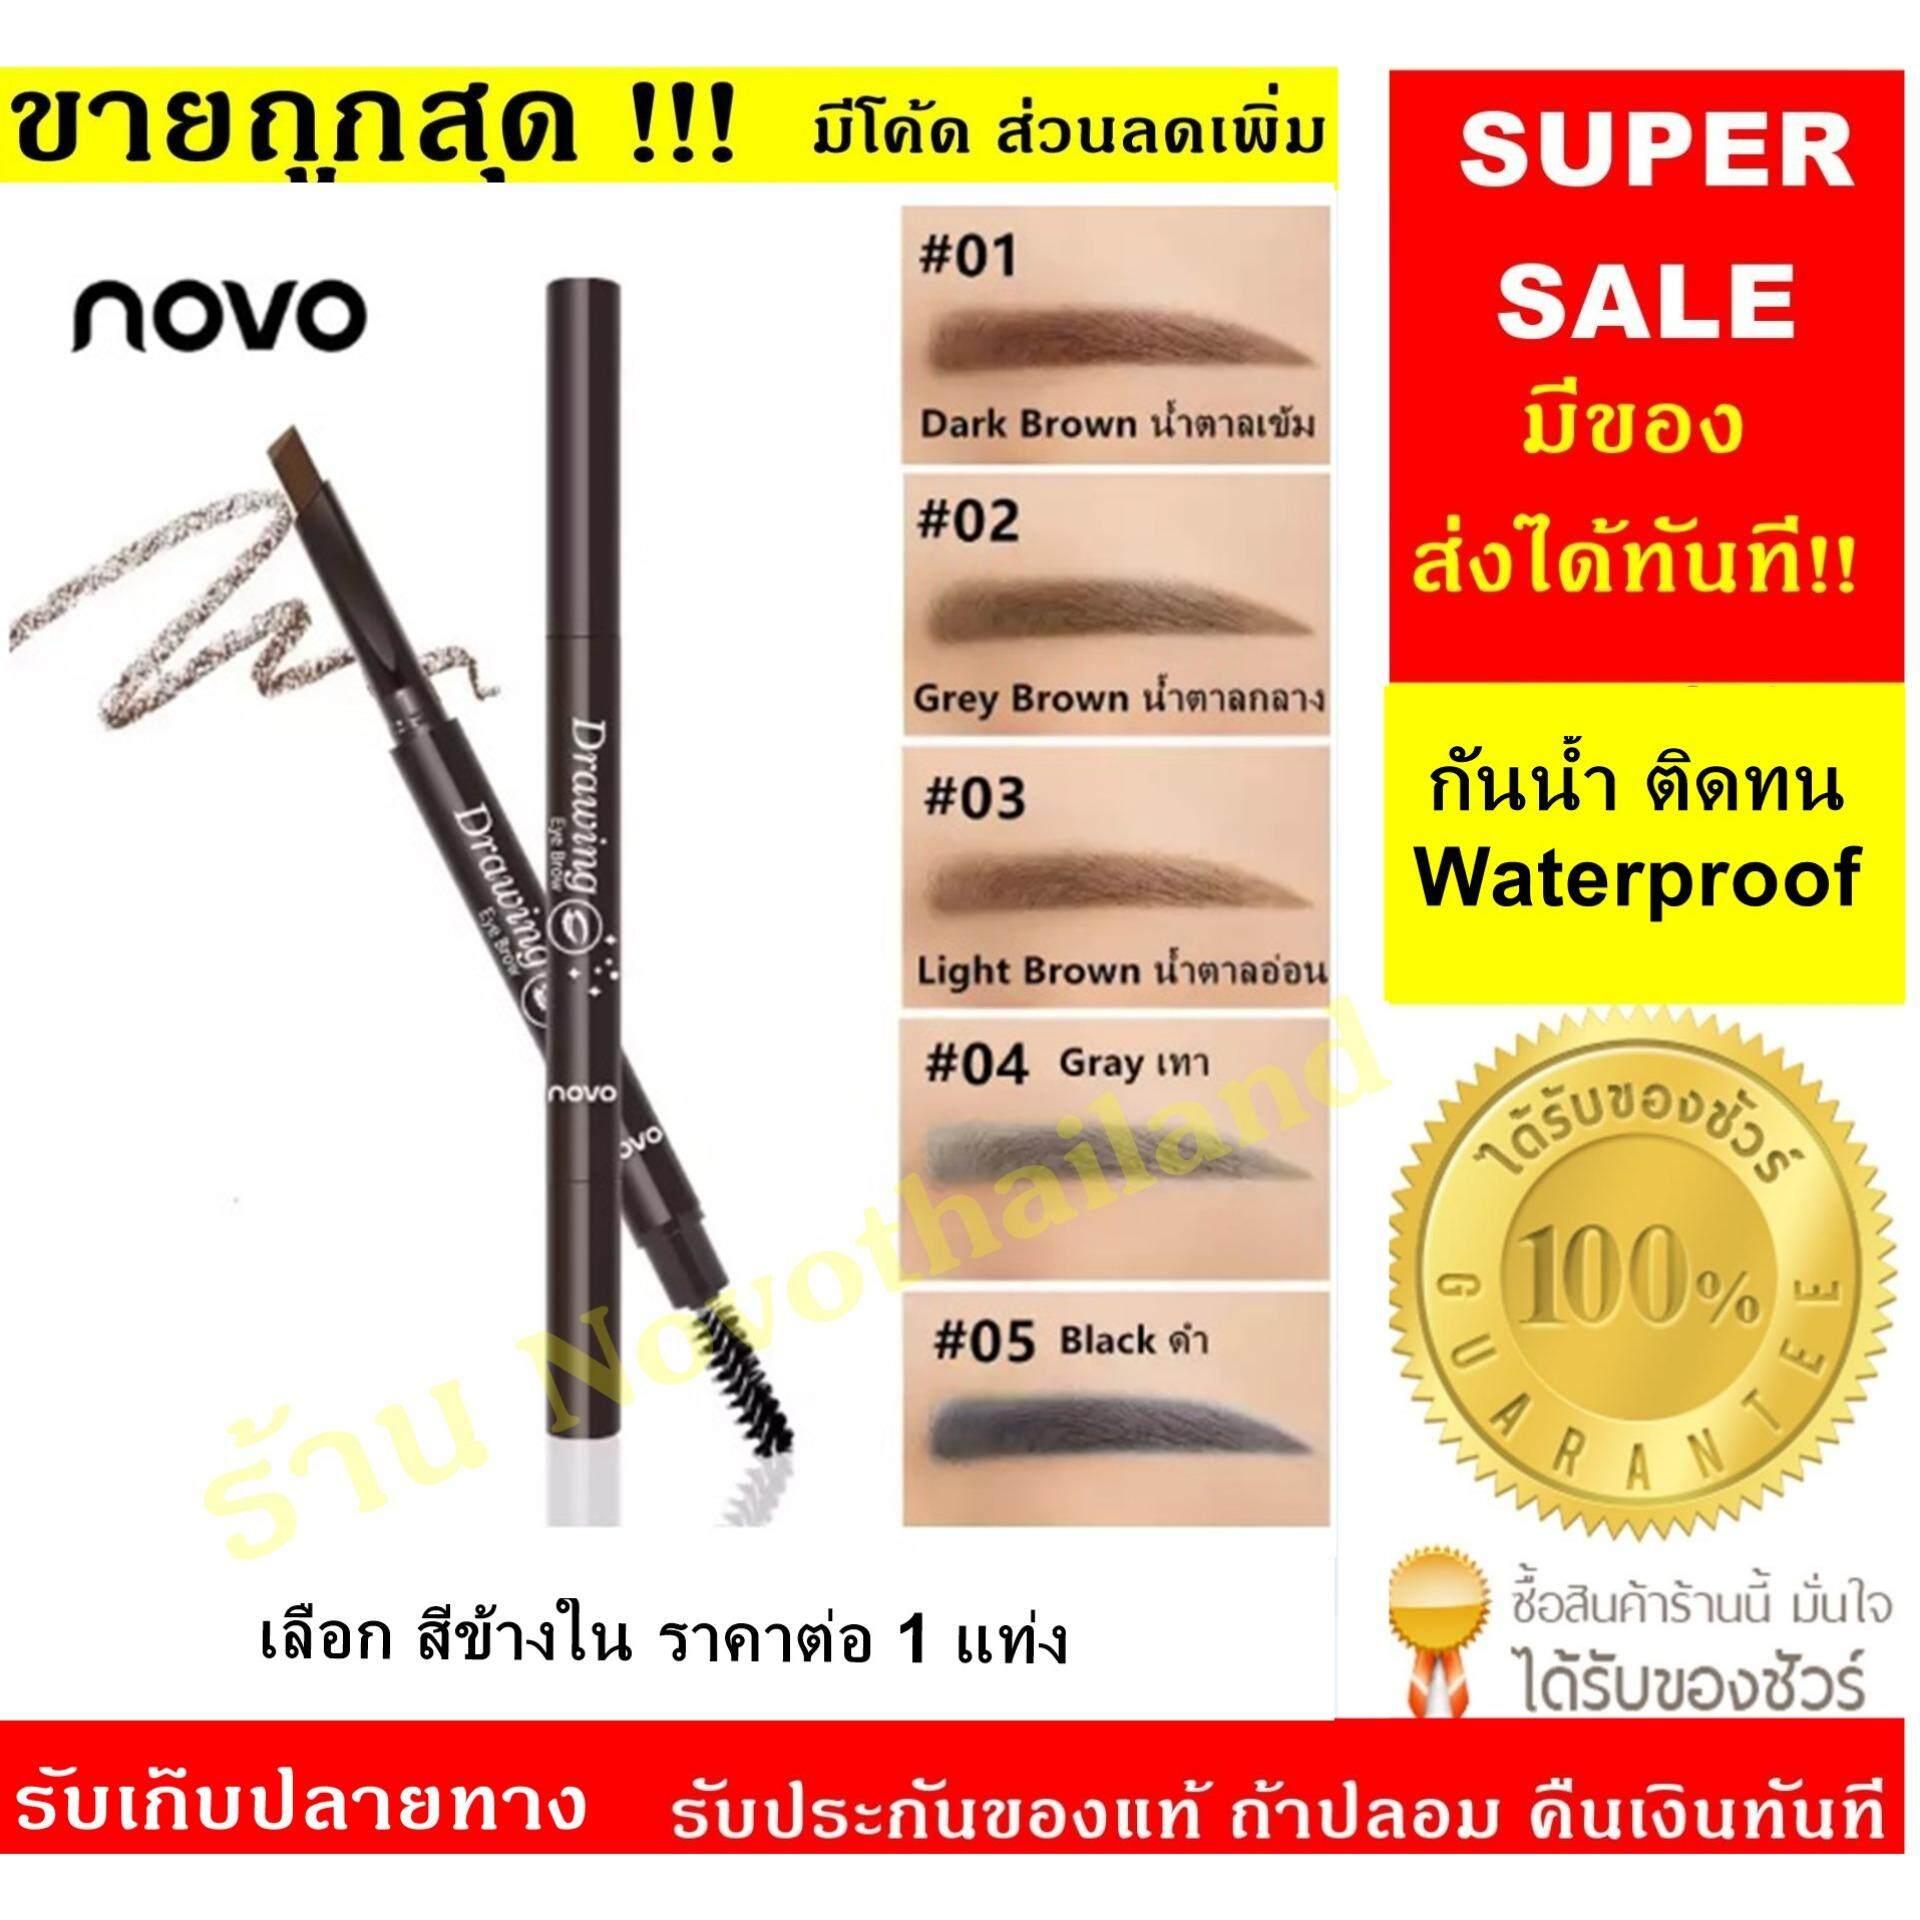 *มีทุกเบอร์ ส่งได้ทันที* Novo Drawing Eye Brow ดินสอเขียนคิ้ว เพิ่มปริมาณ↑30%.